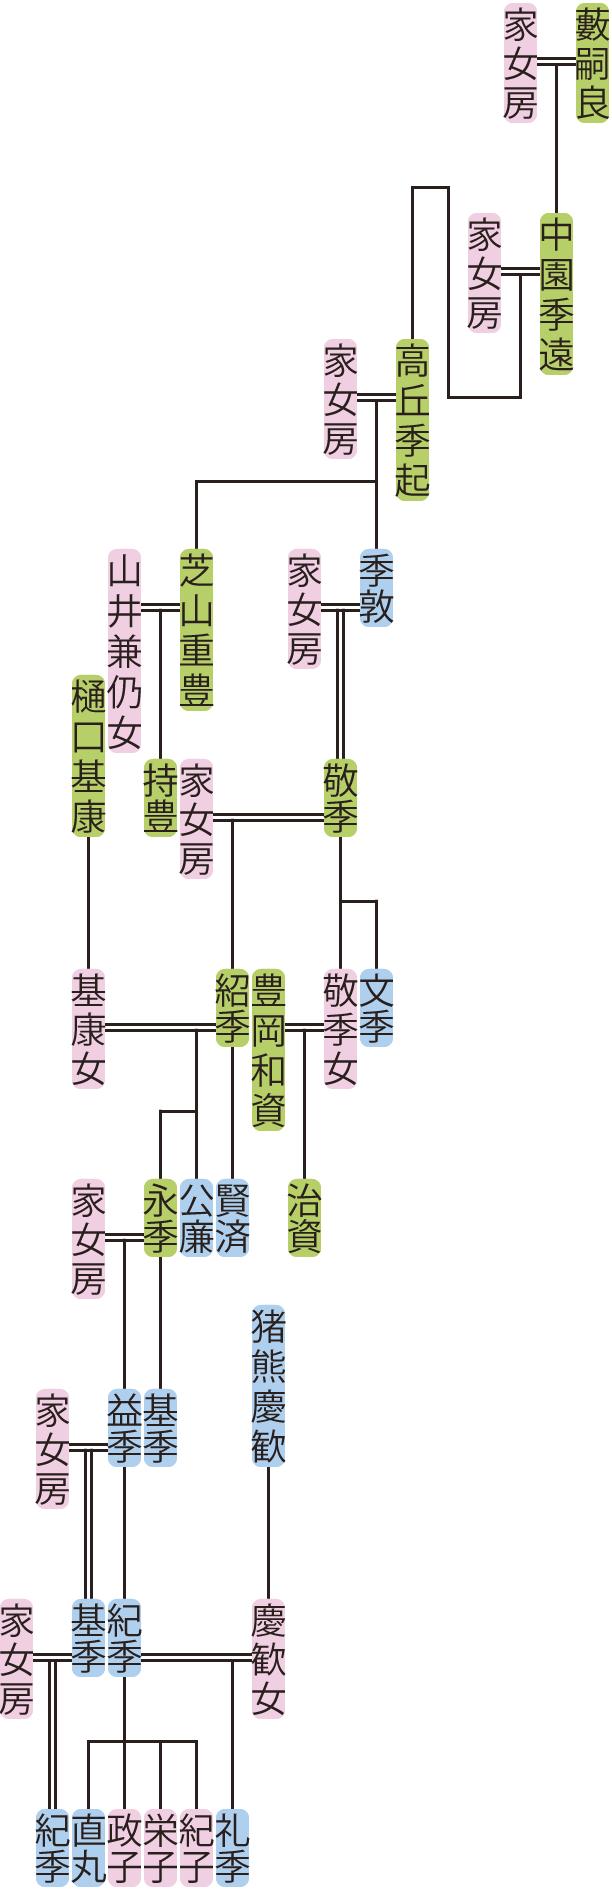 高丘季起~紀季の系図